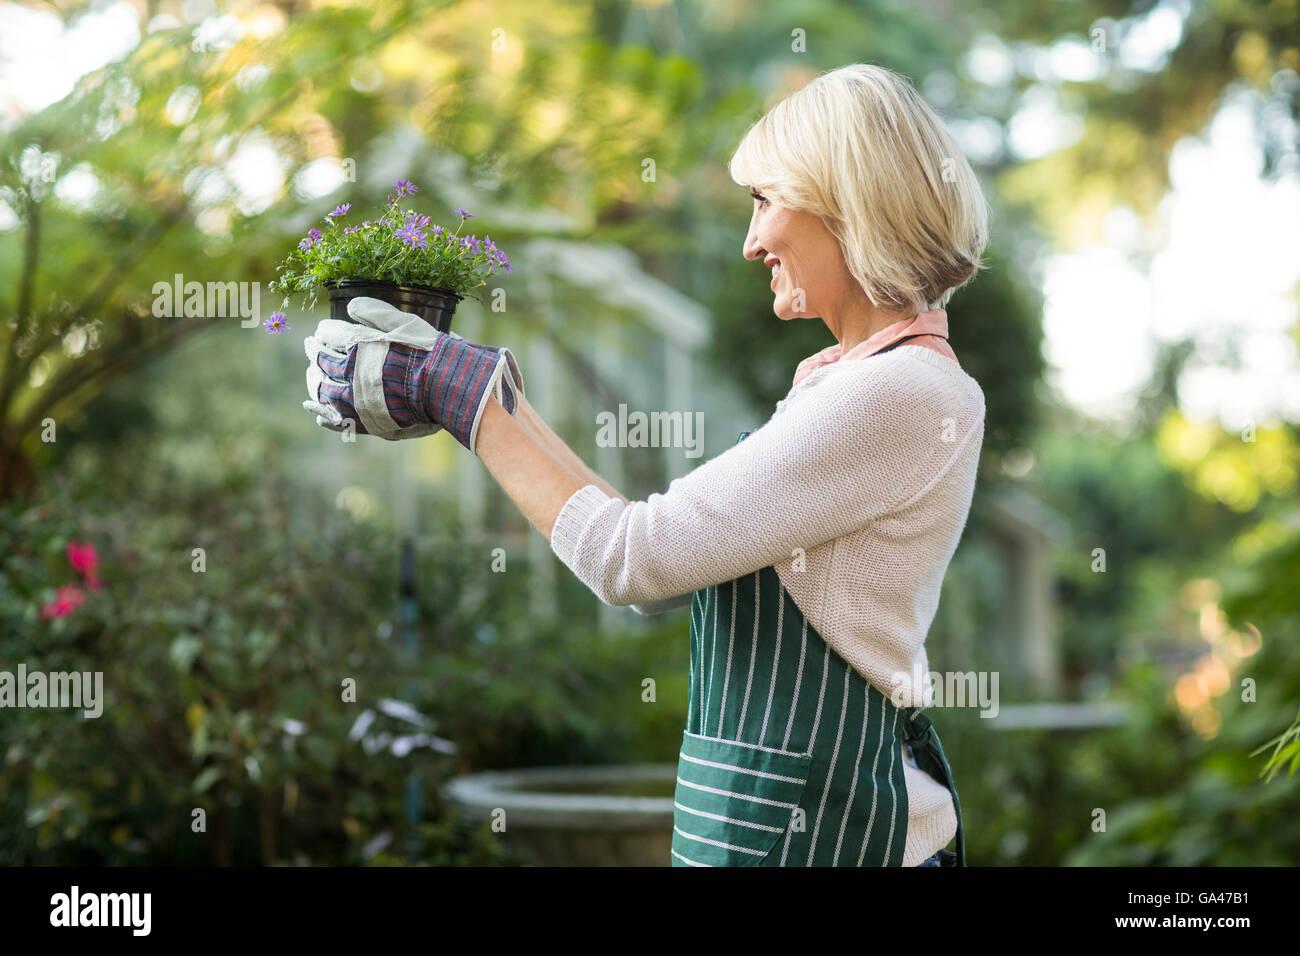 Femmina matura giardiniere holding fioritura delle piante Immagini Stock